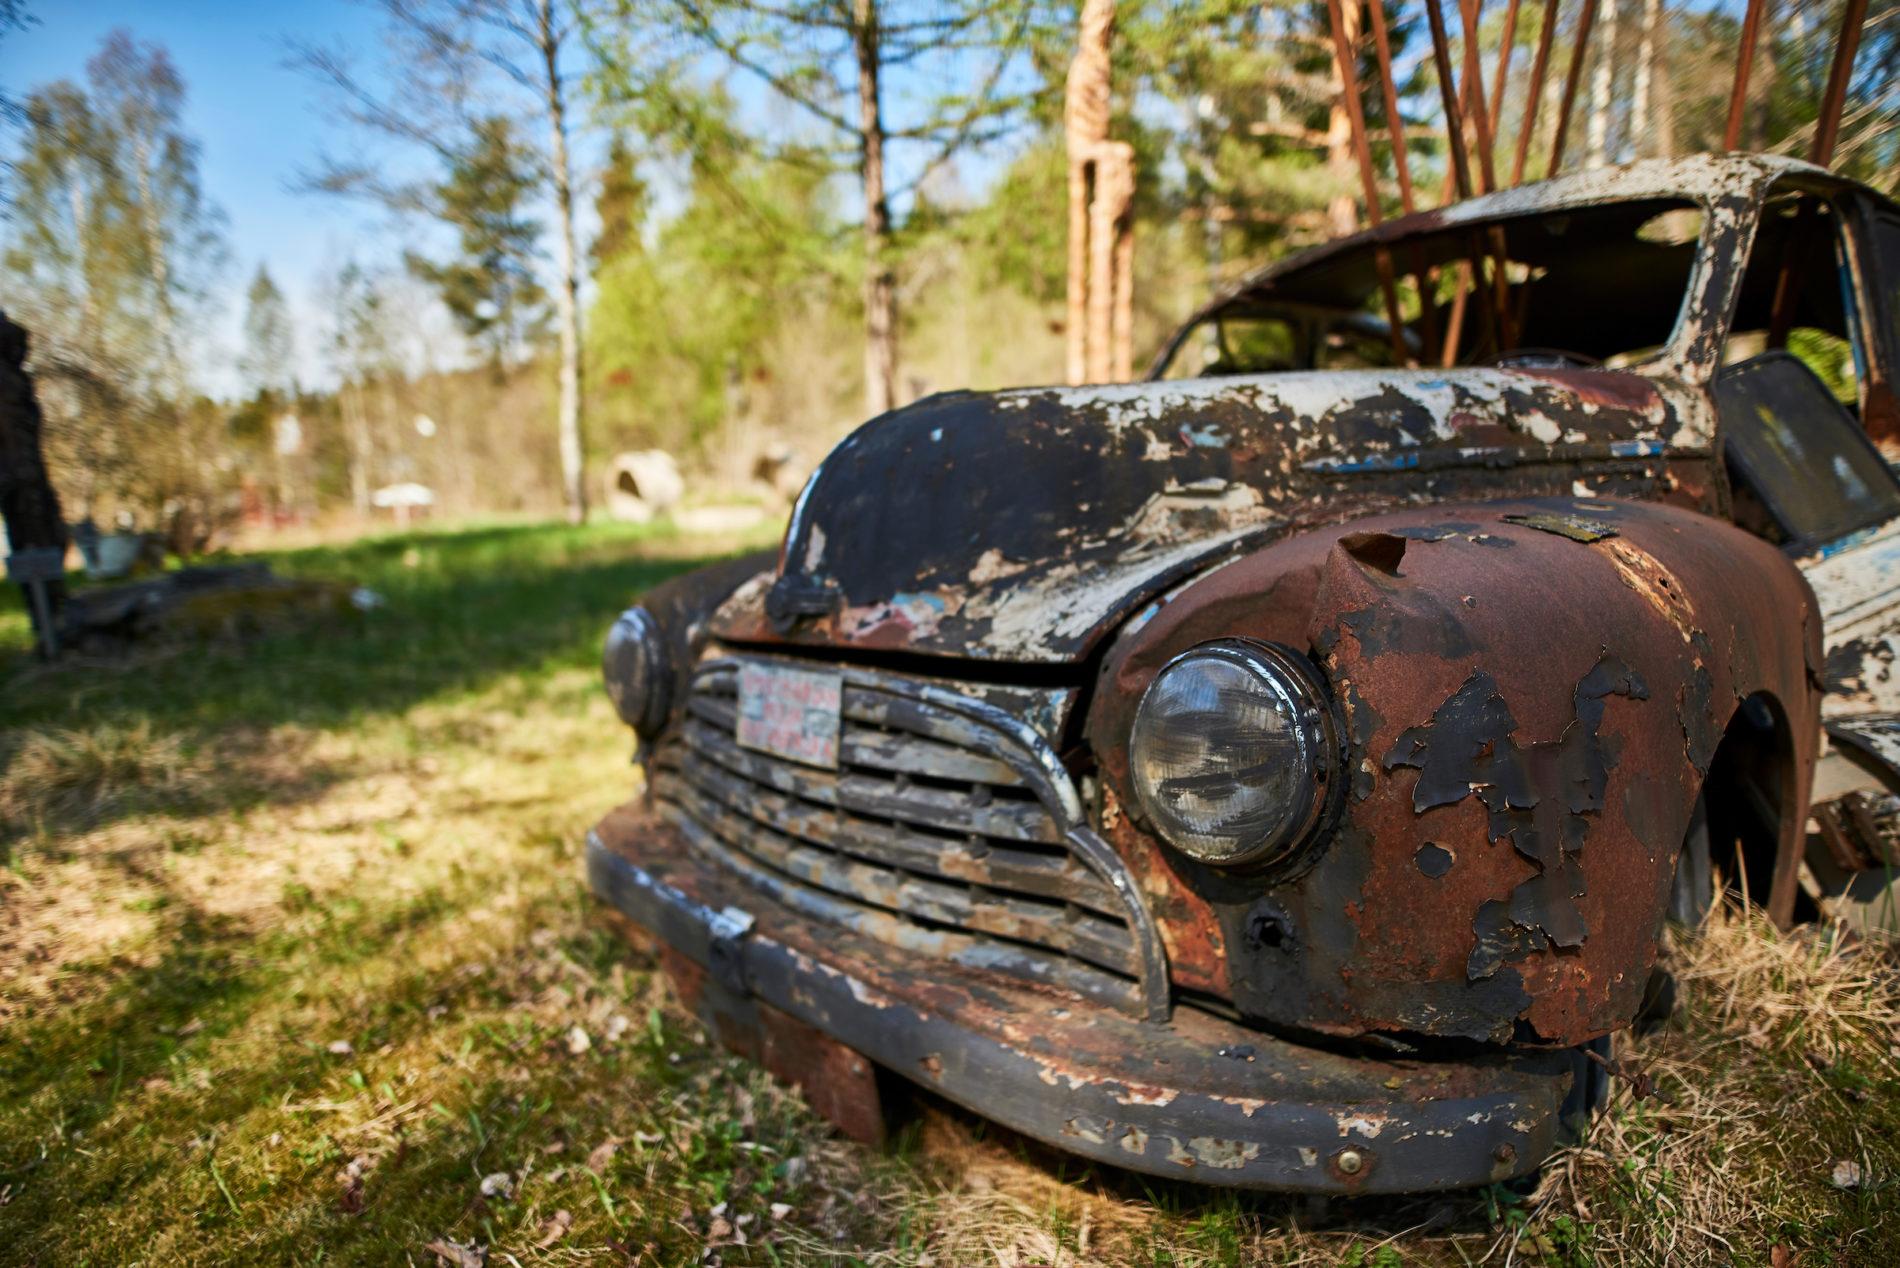 Sään armoilla taideteoksen osana ruostuva auto kuvaa luonnon ylivoimaa.